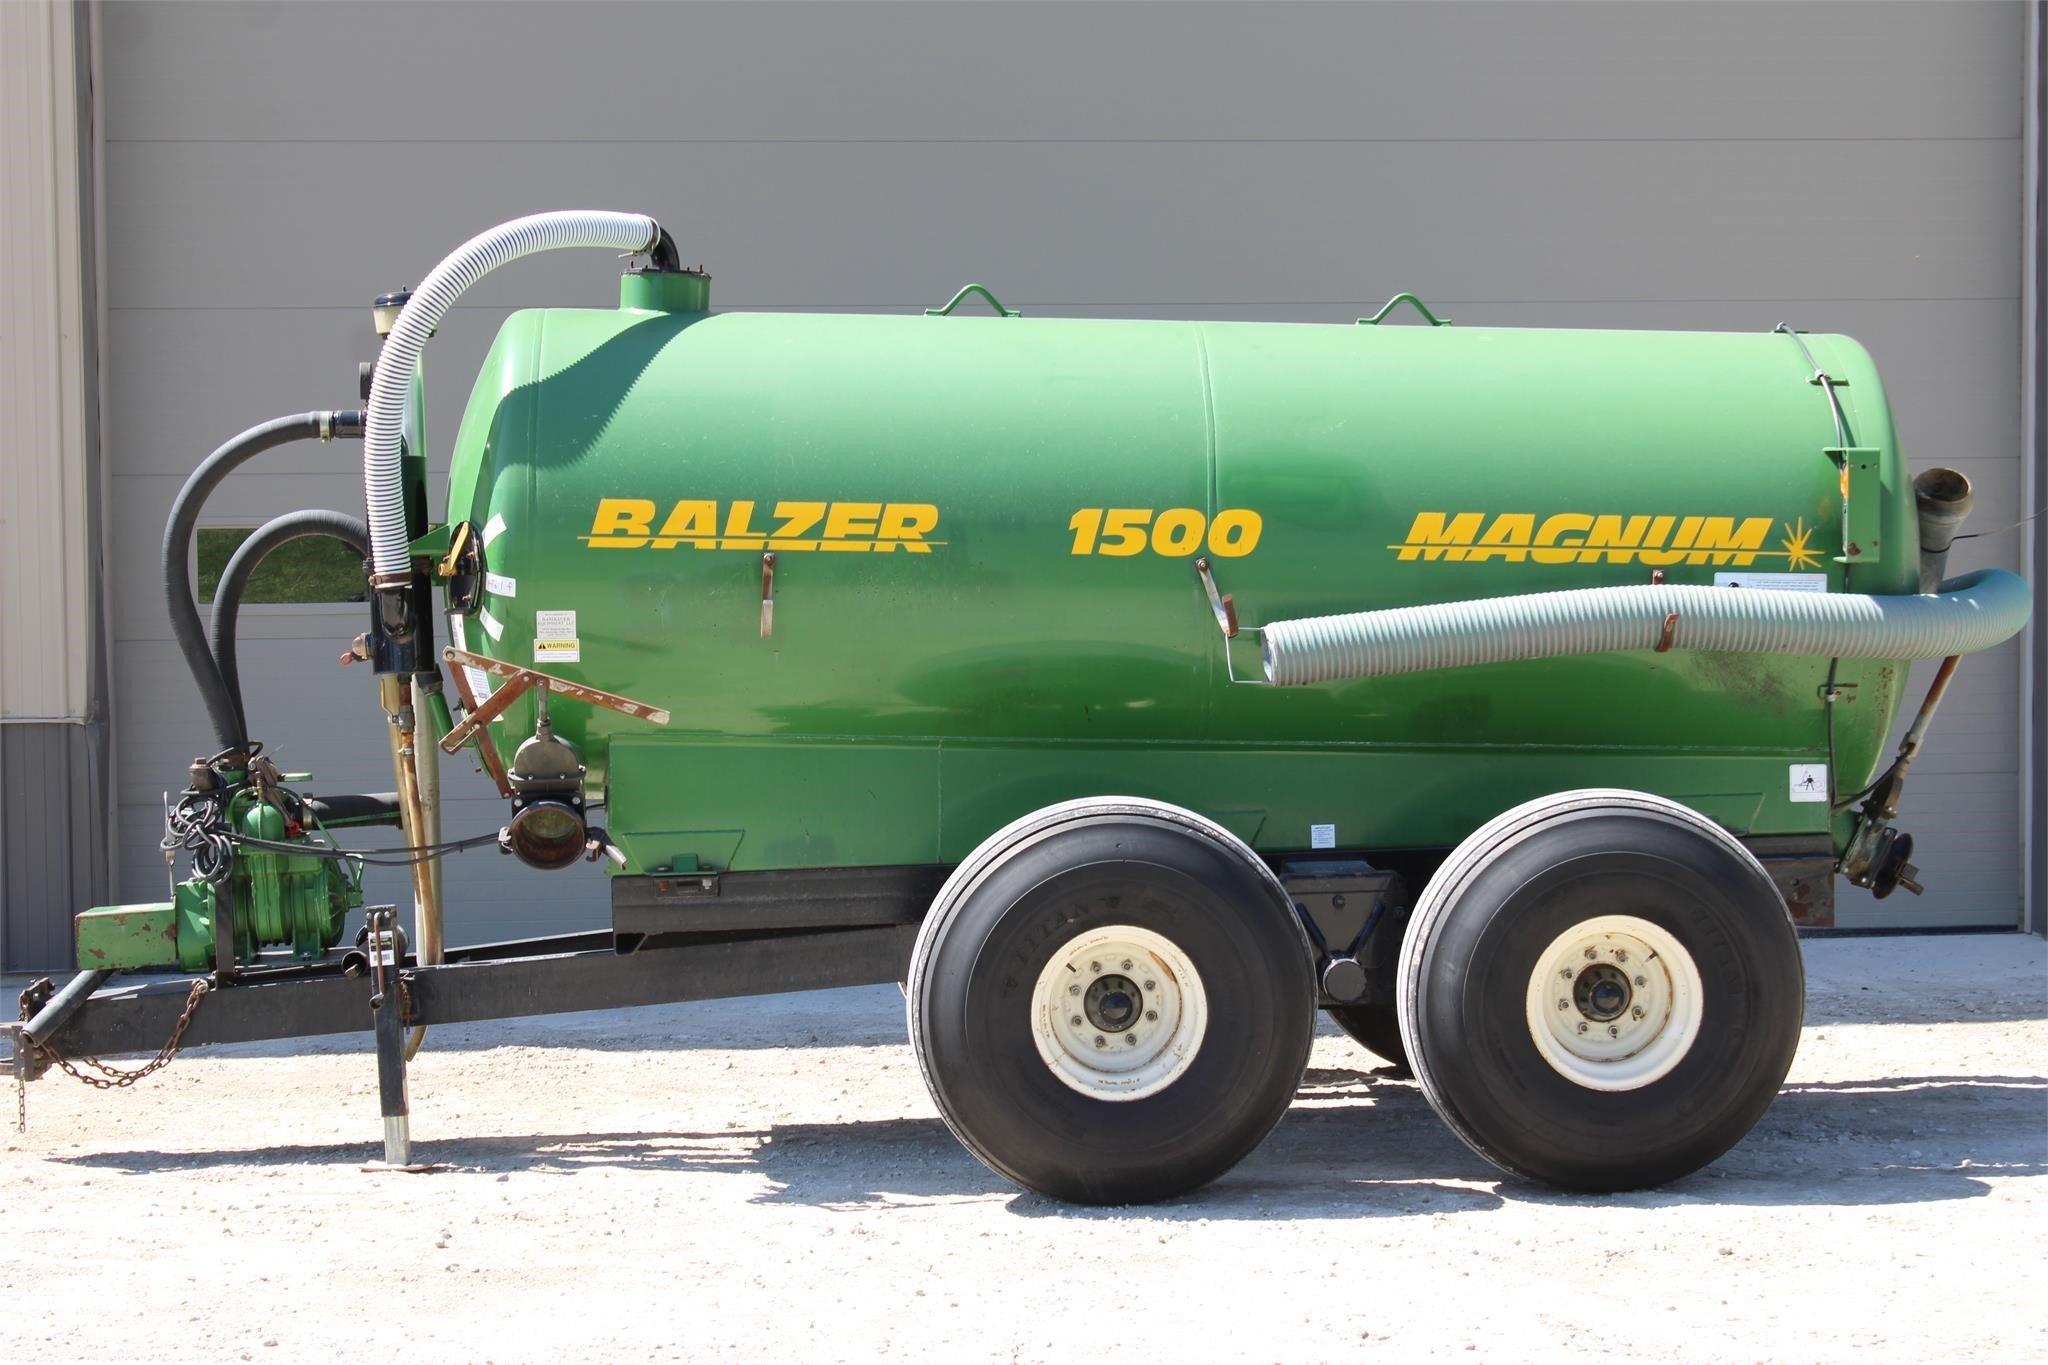 Balzer 1500 Manure Spreader